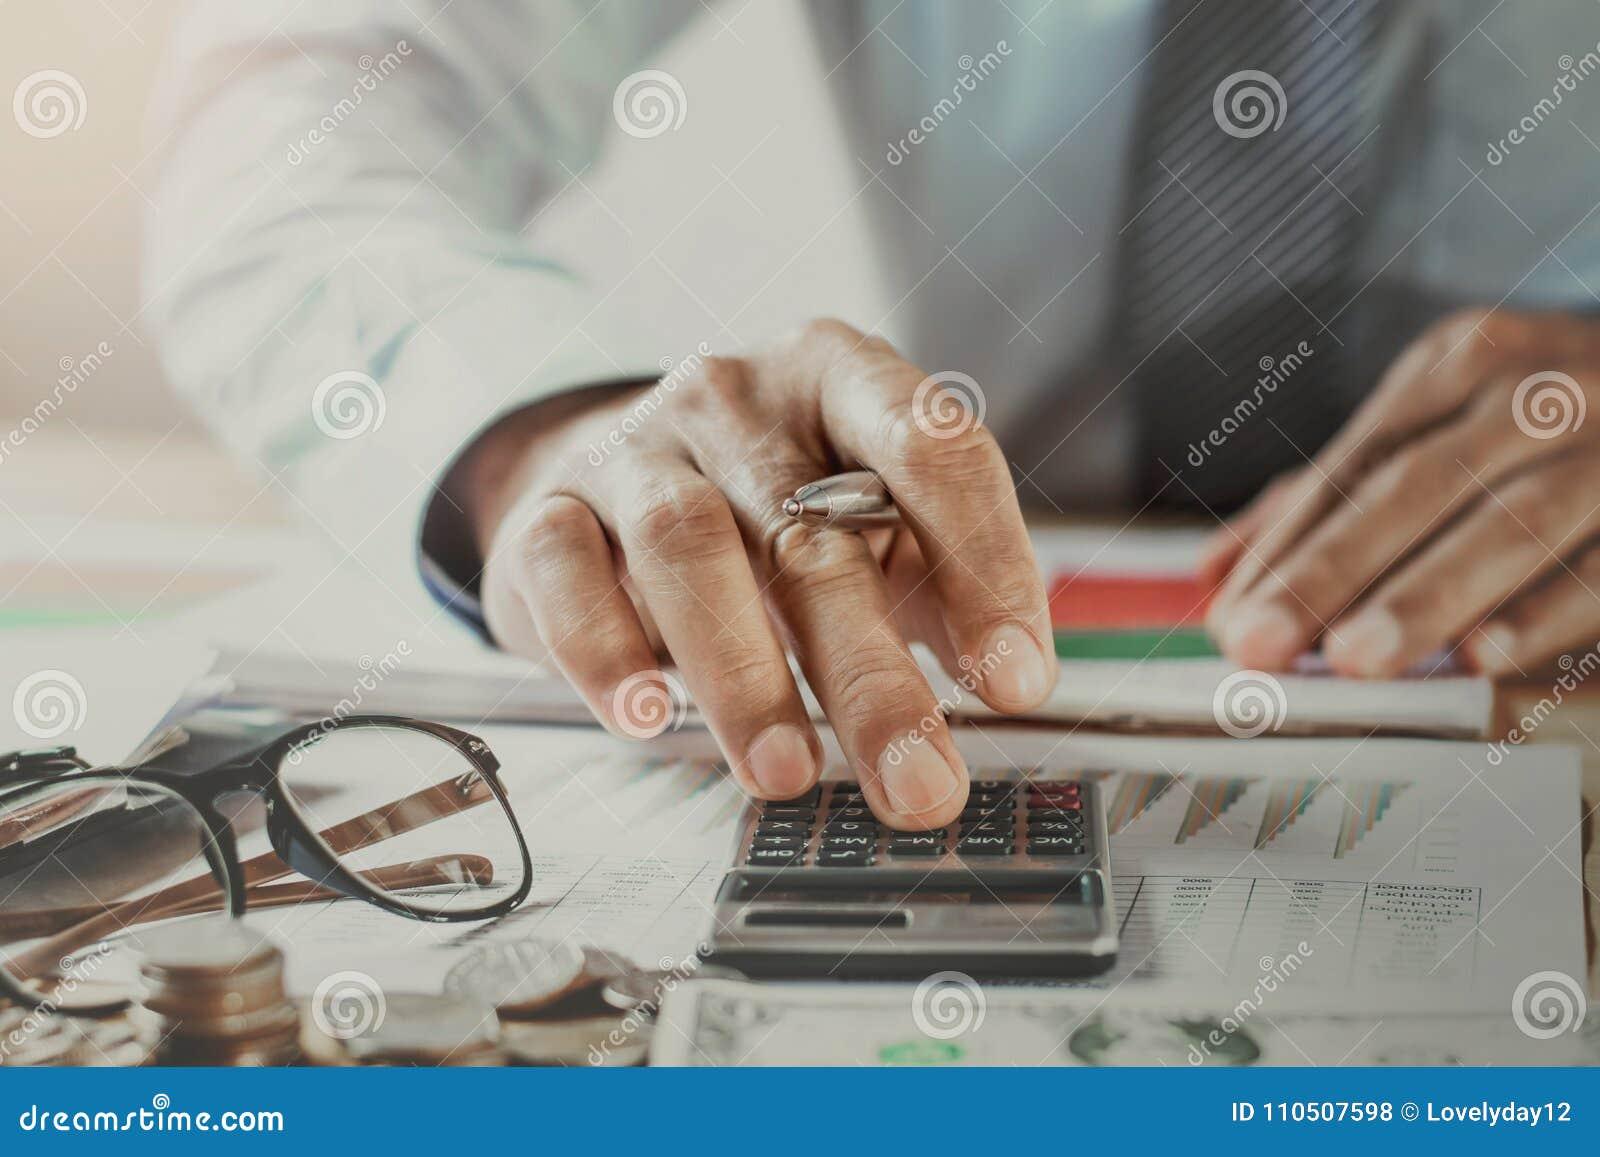 Accountant Working In Office mede bedrijfsfinanciën en boekhouding